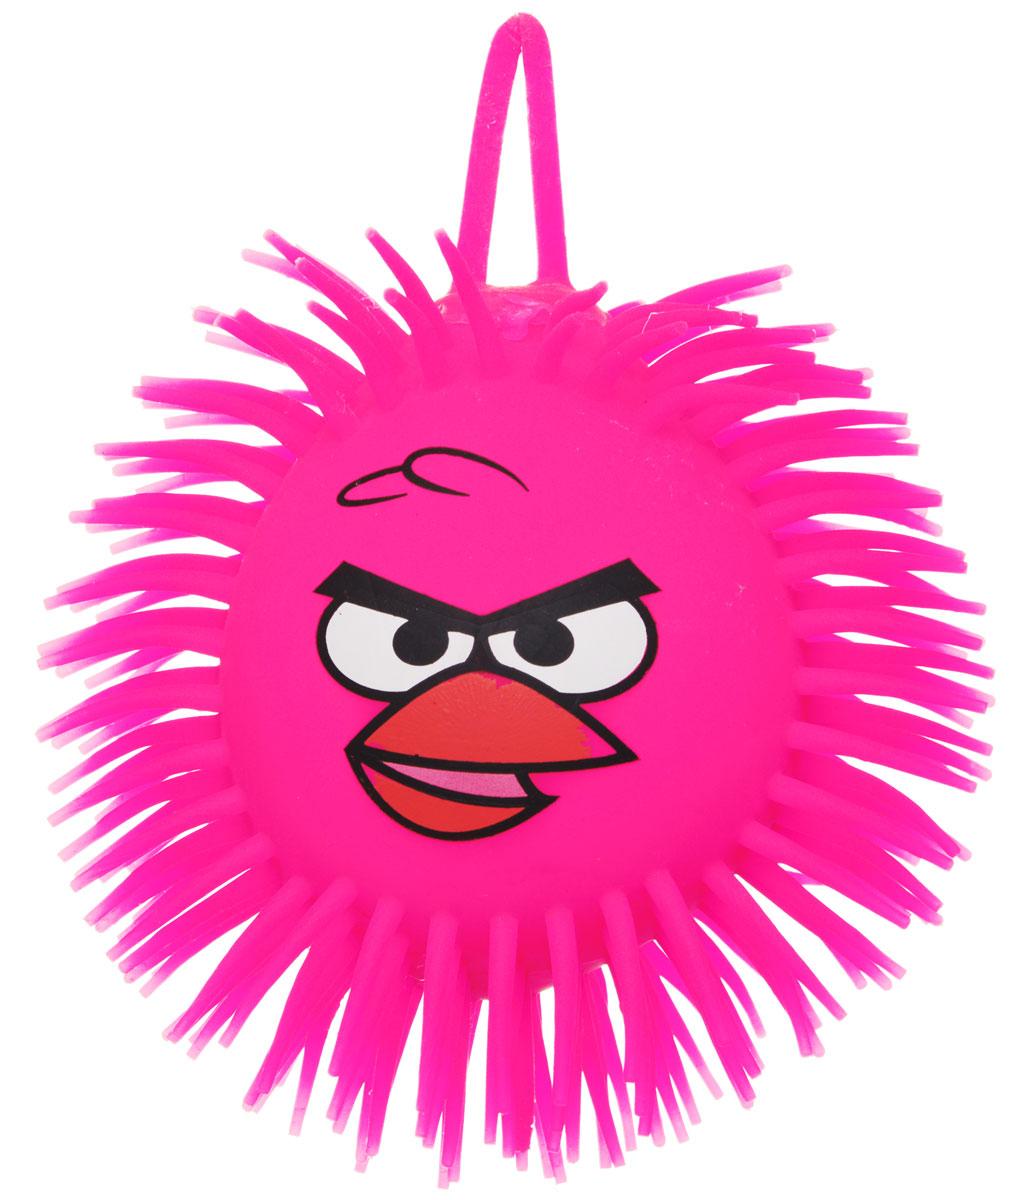 1TOY Игрушка-антистресс Ё-Ёжик Злая птичка цвет розовый диаметр 12 смТ66Ё-Ёжик - это яркая игрушка-антистресс - мягкая, приятная на ощупь и напоминающая свернувшегося ёжика. Взяв игрушку в руки, расстаться с ней просто невозможно! Её не только приятно держать в руках, если перекинуть игрушку из руки в руку, она начнёт мигать цветными огоньками. Игрушка ярко-розового цвета с лицом птички из мультфильма Angry Birds и длинными мягкими колючками. Данная игрушка рассчитана на широкую целевую аудиторию, как детей от трёх лет, так и взрослых. Сертифицирована, безопасна, надёжна.